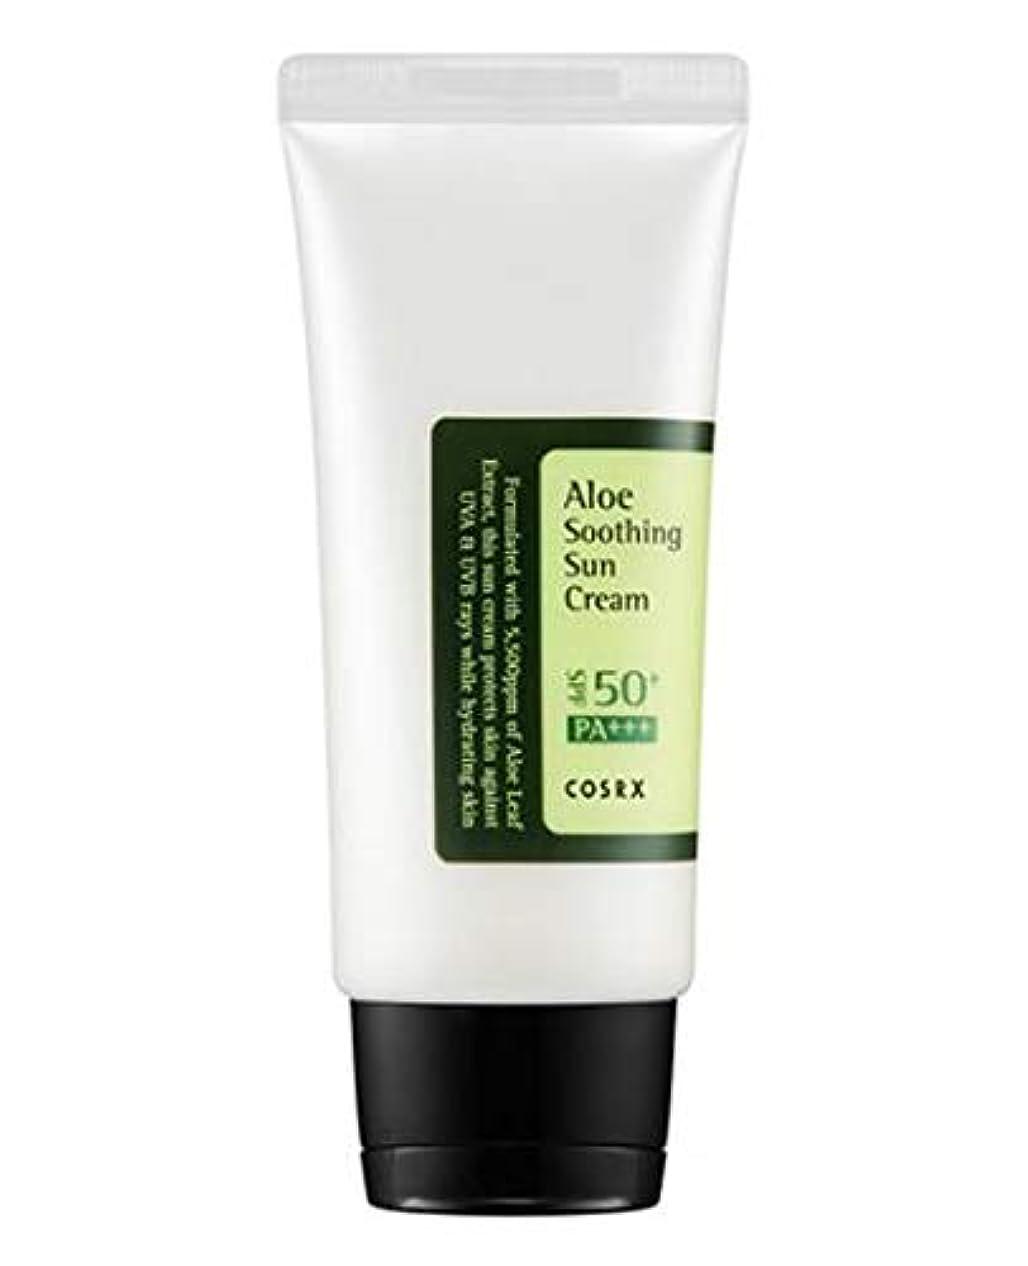 気怠い菊才能のあるCOSRX Aloe Soothing Sun Cream (並行輸入品)